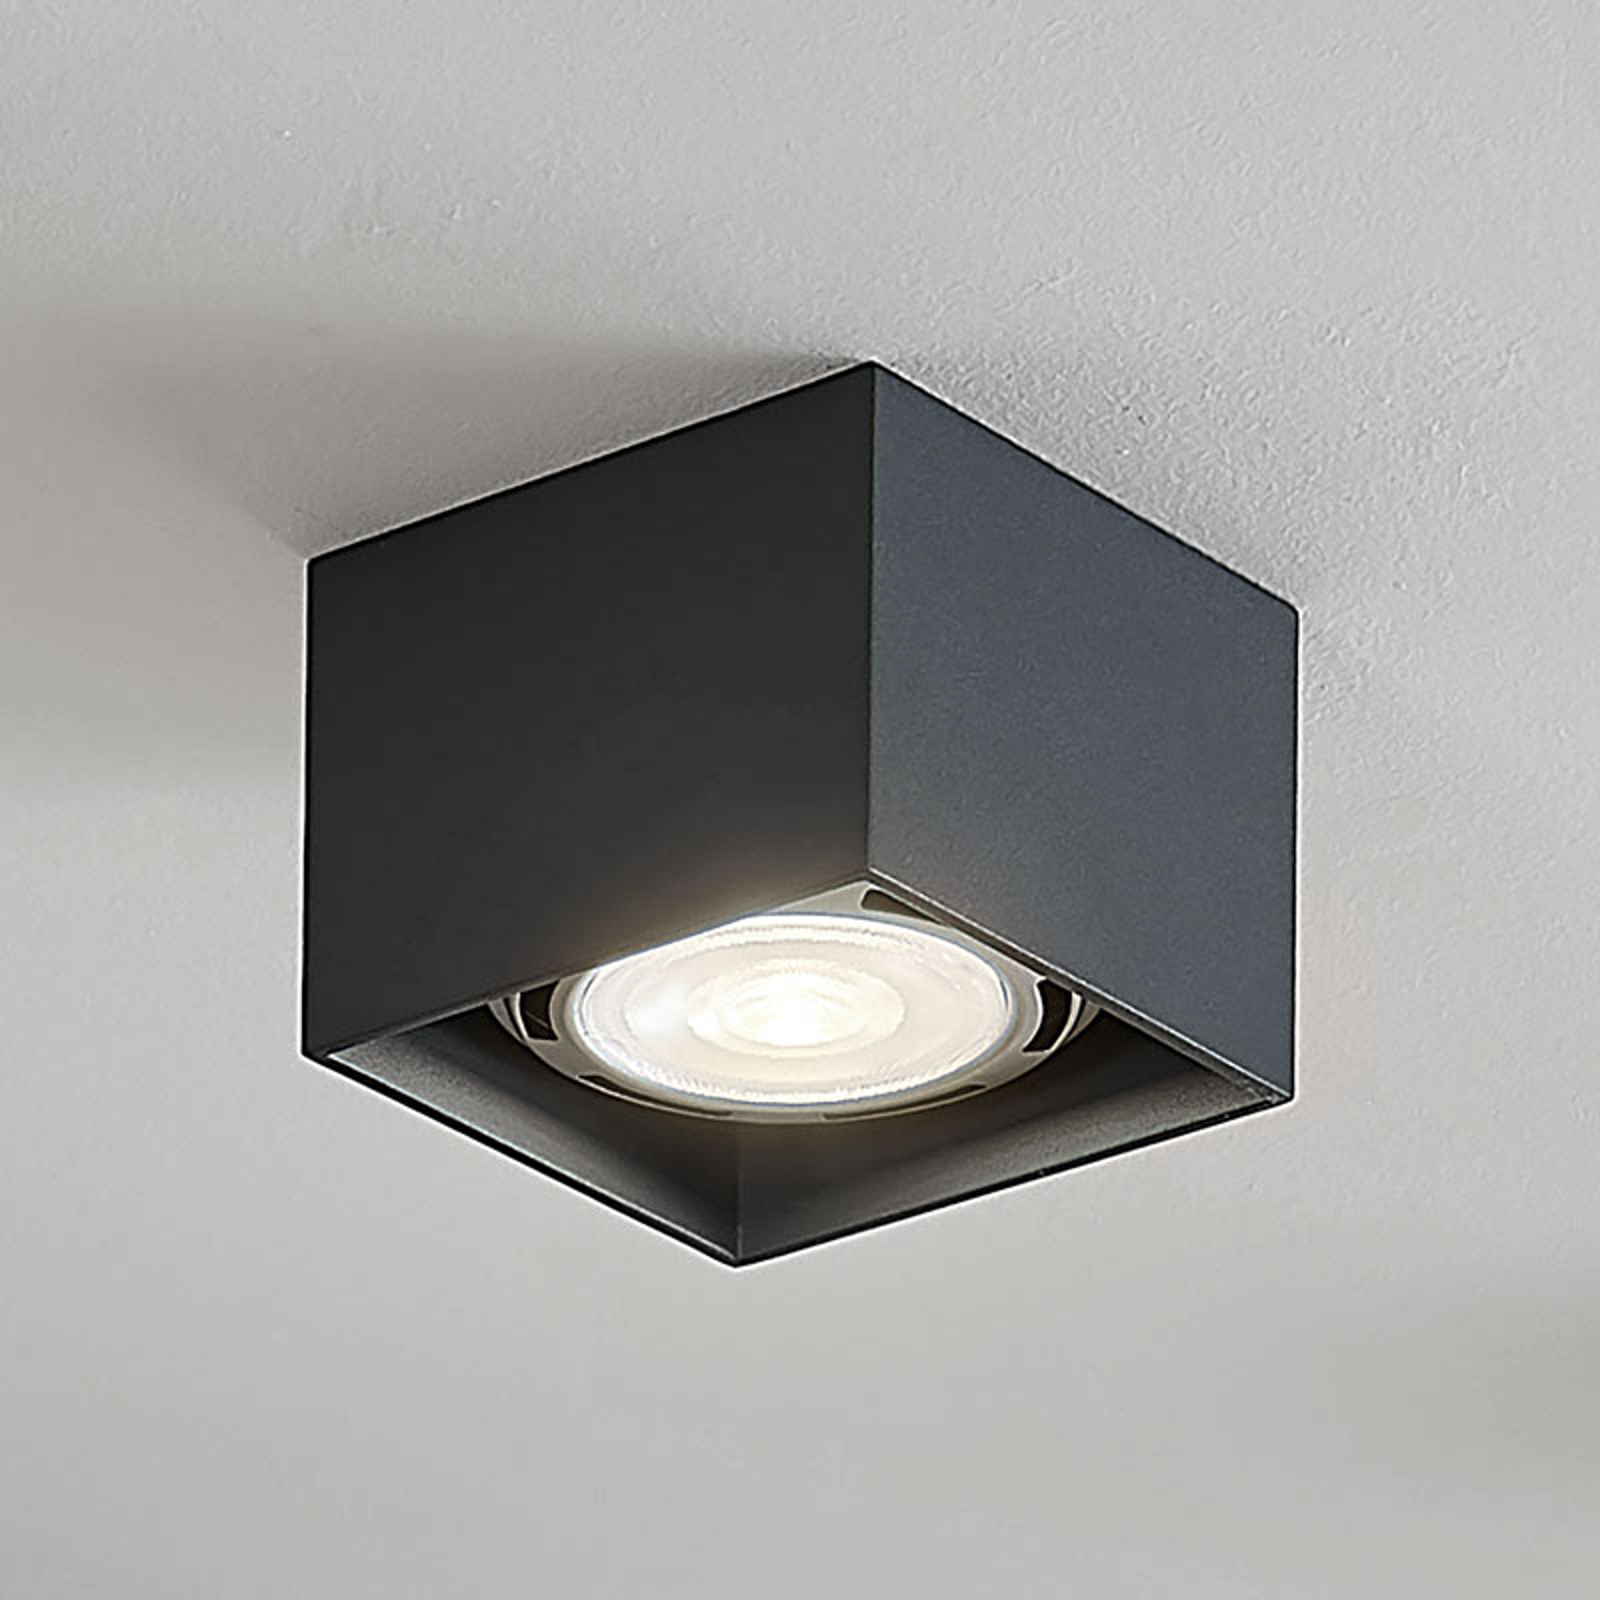 LED-Deckenstrahler Mabel, eckig, dunkelgrau